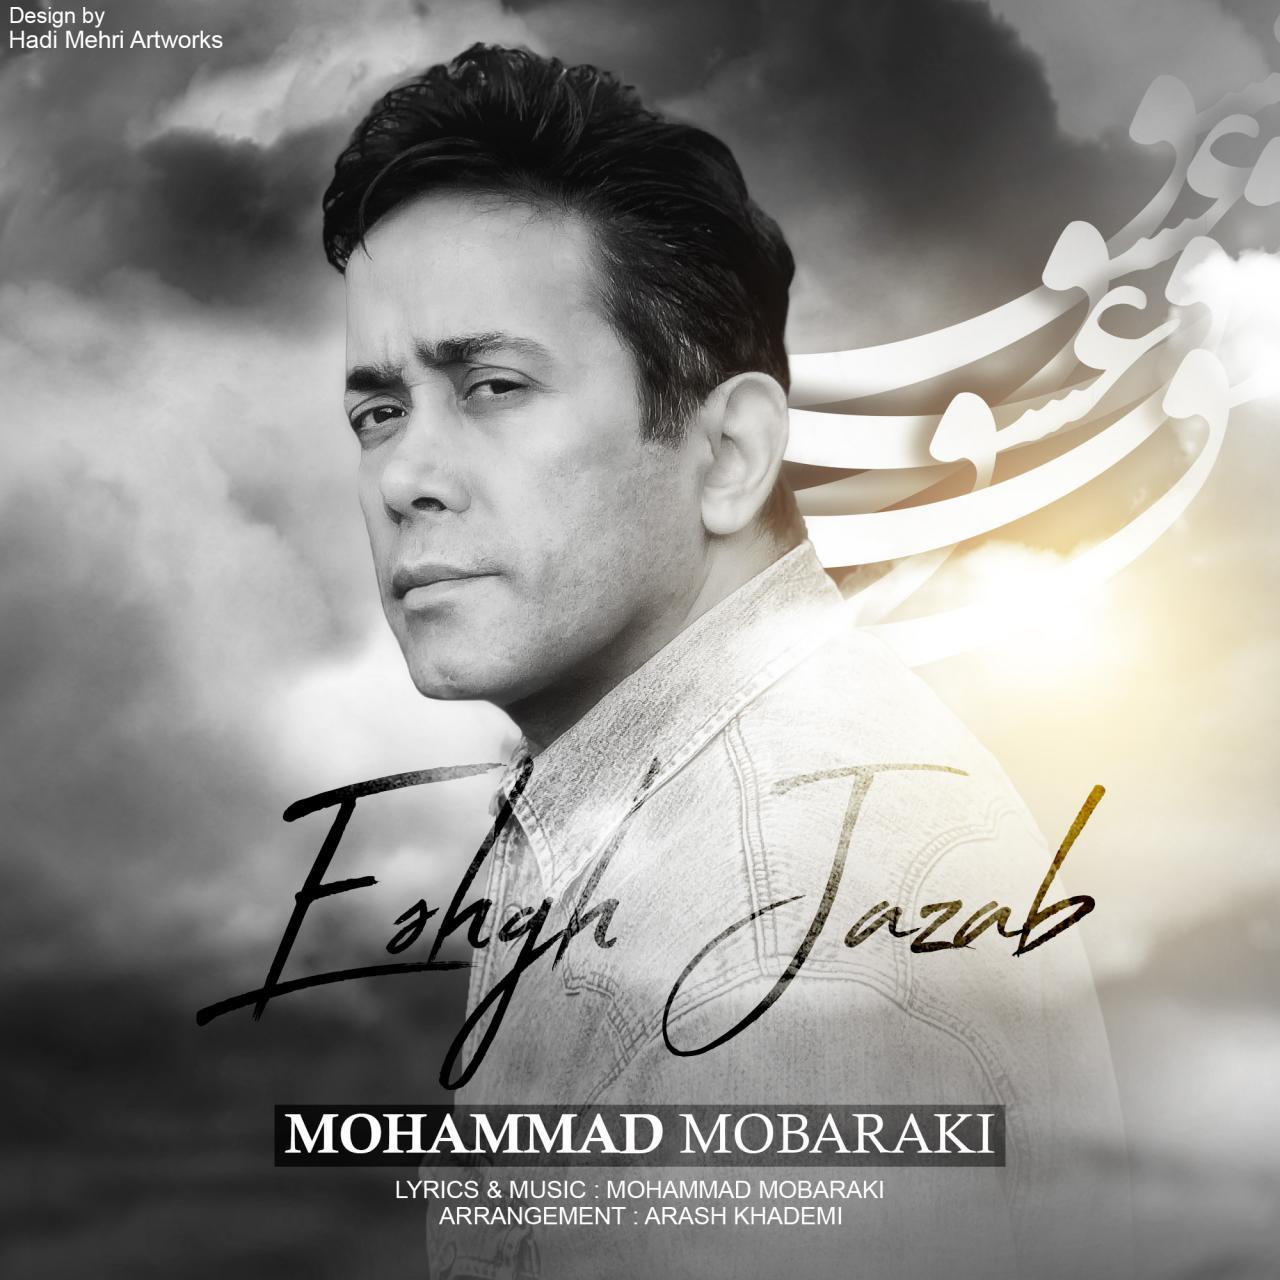 دانلود آهنگ محمد مبارکی عشق جذاب